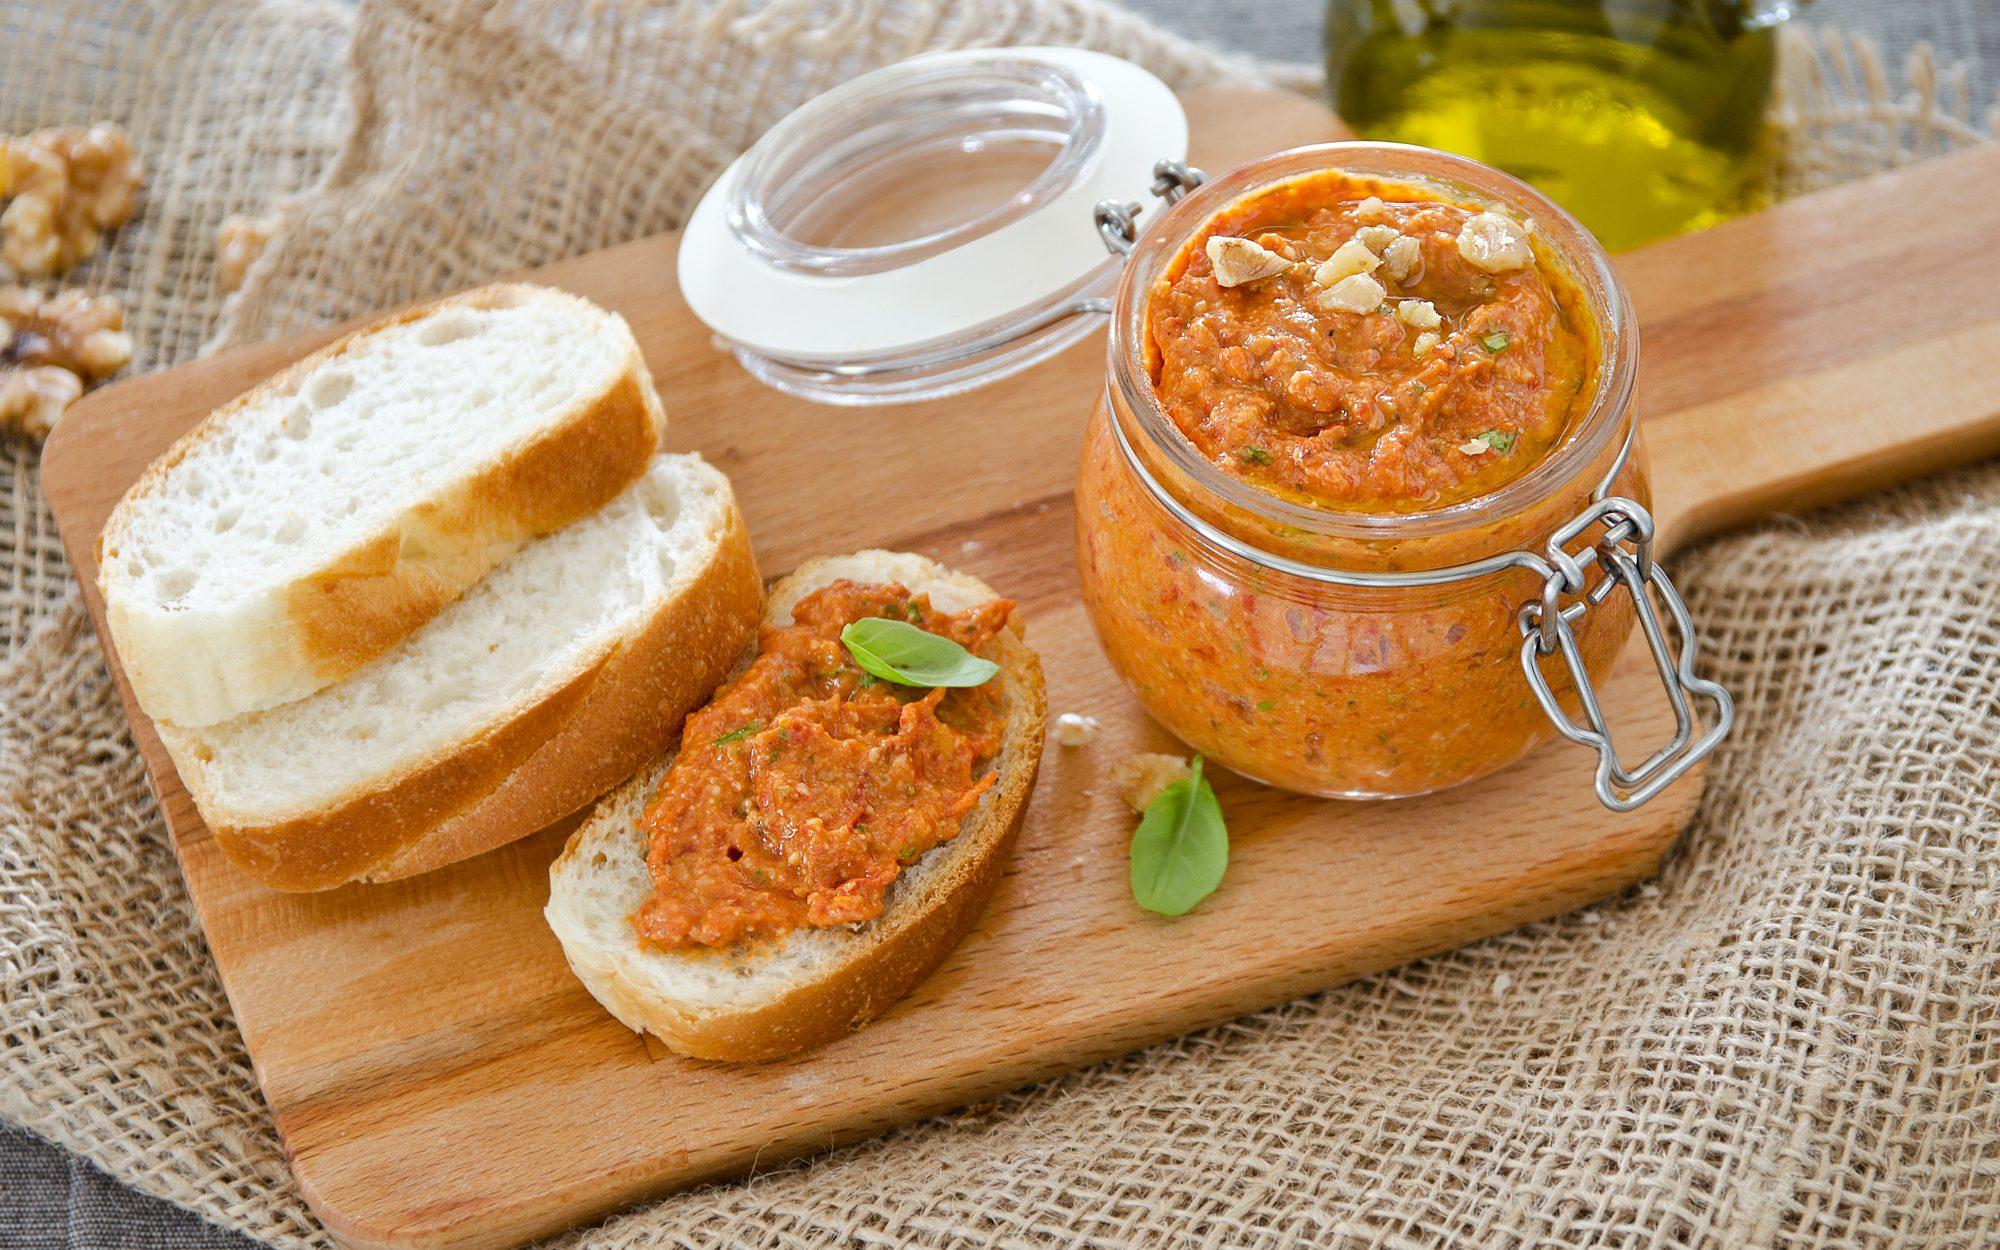 Pesto di pomodori arrostiti: la ricetta della salsa aromatica e gustosa